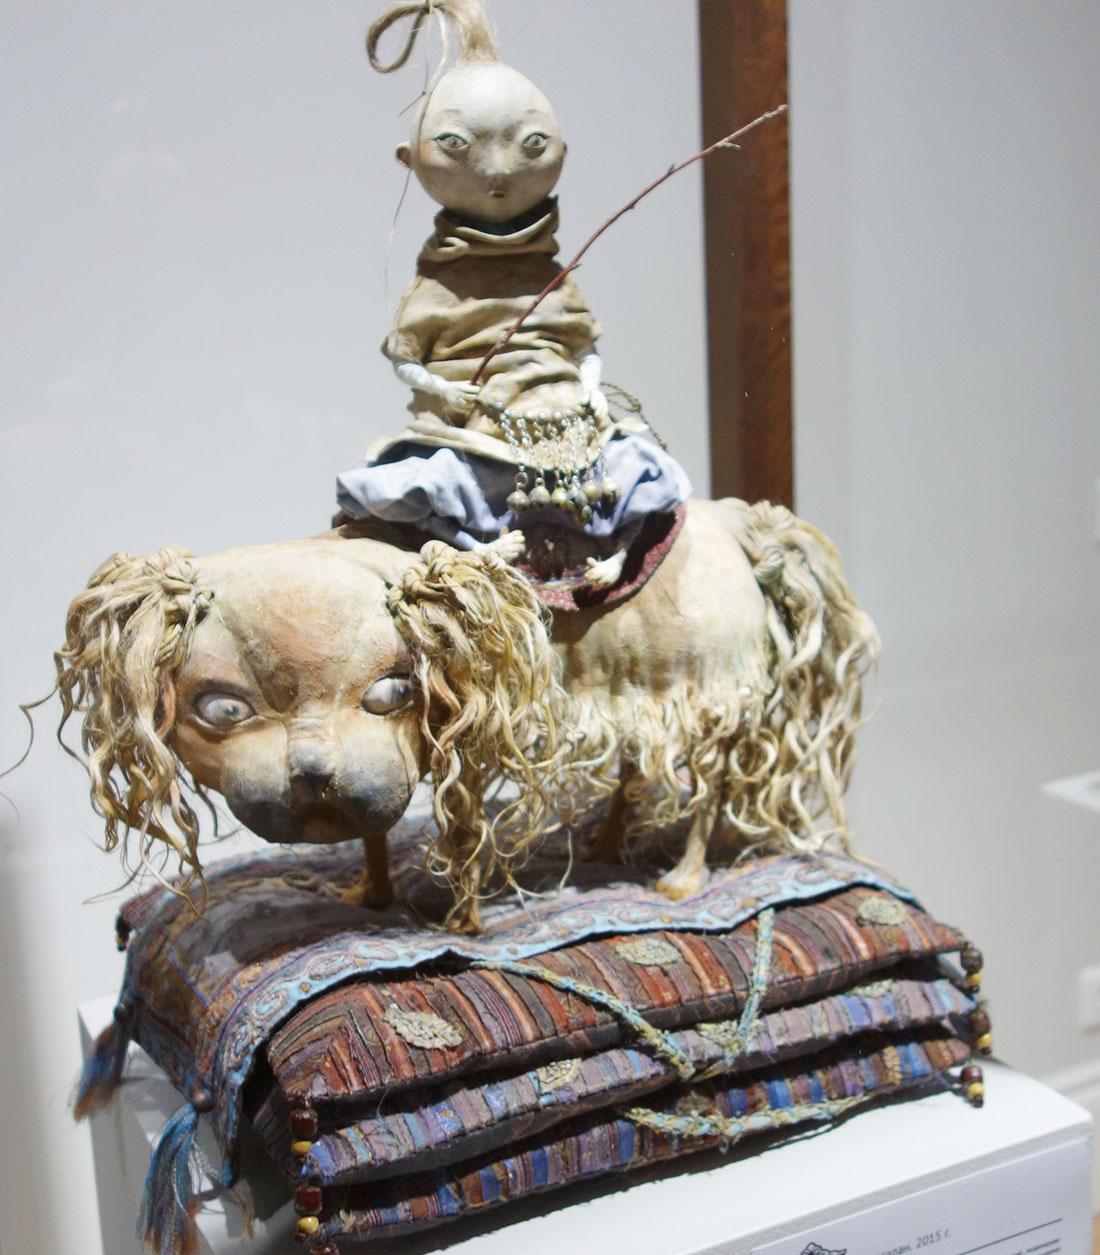 Кукла из коллекции семьи Намдаковых